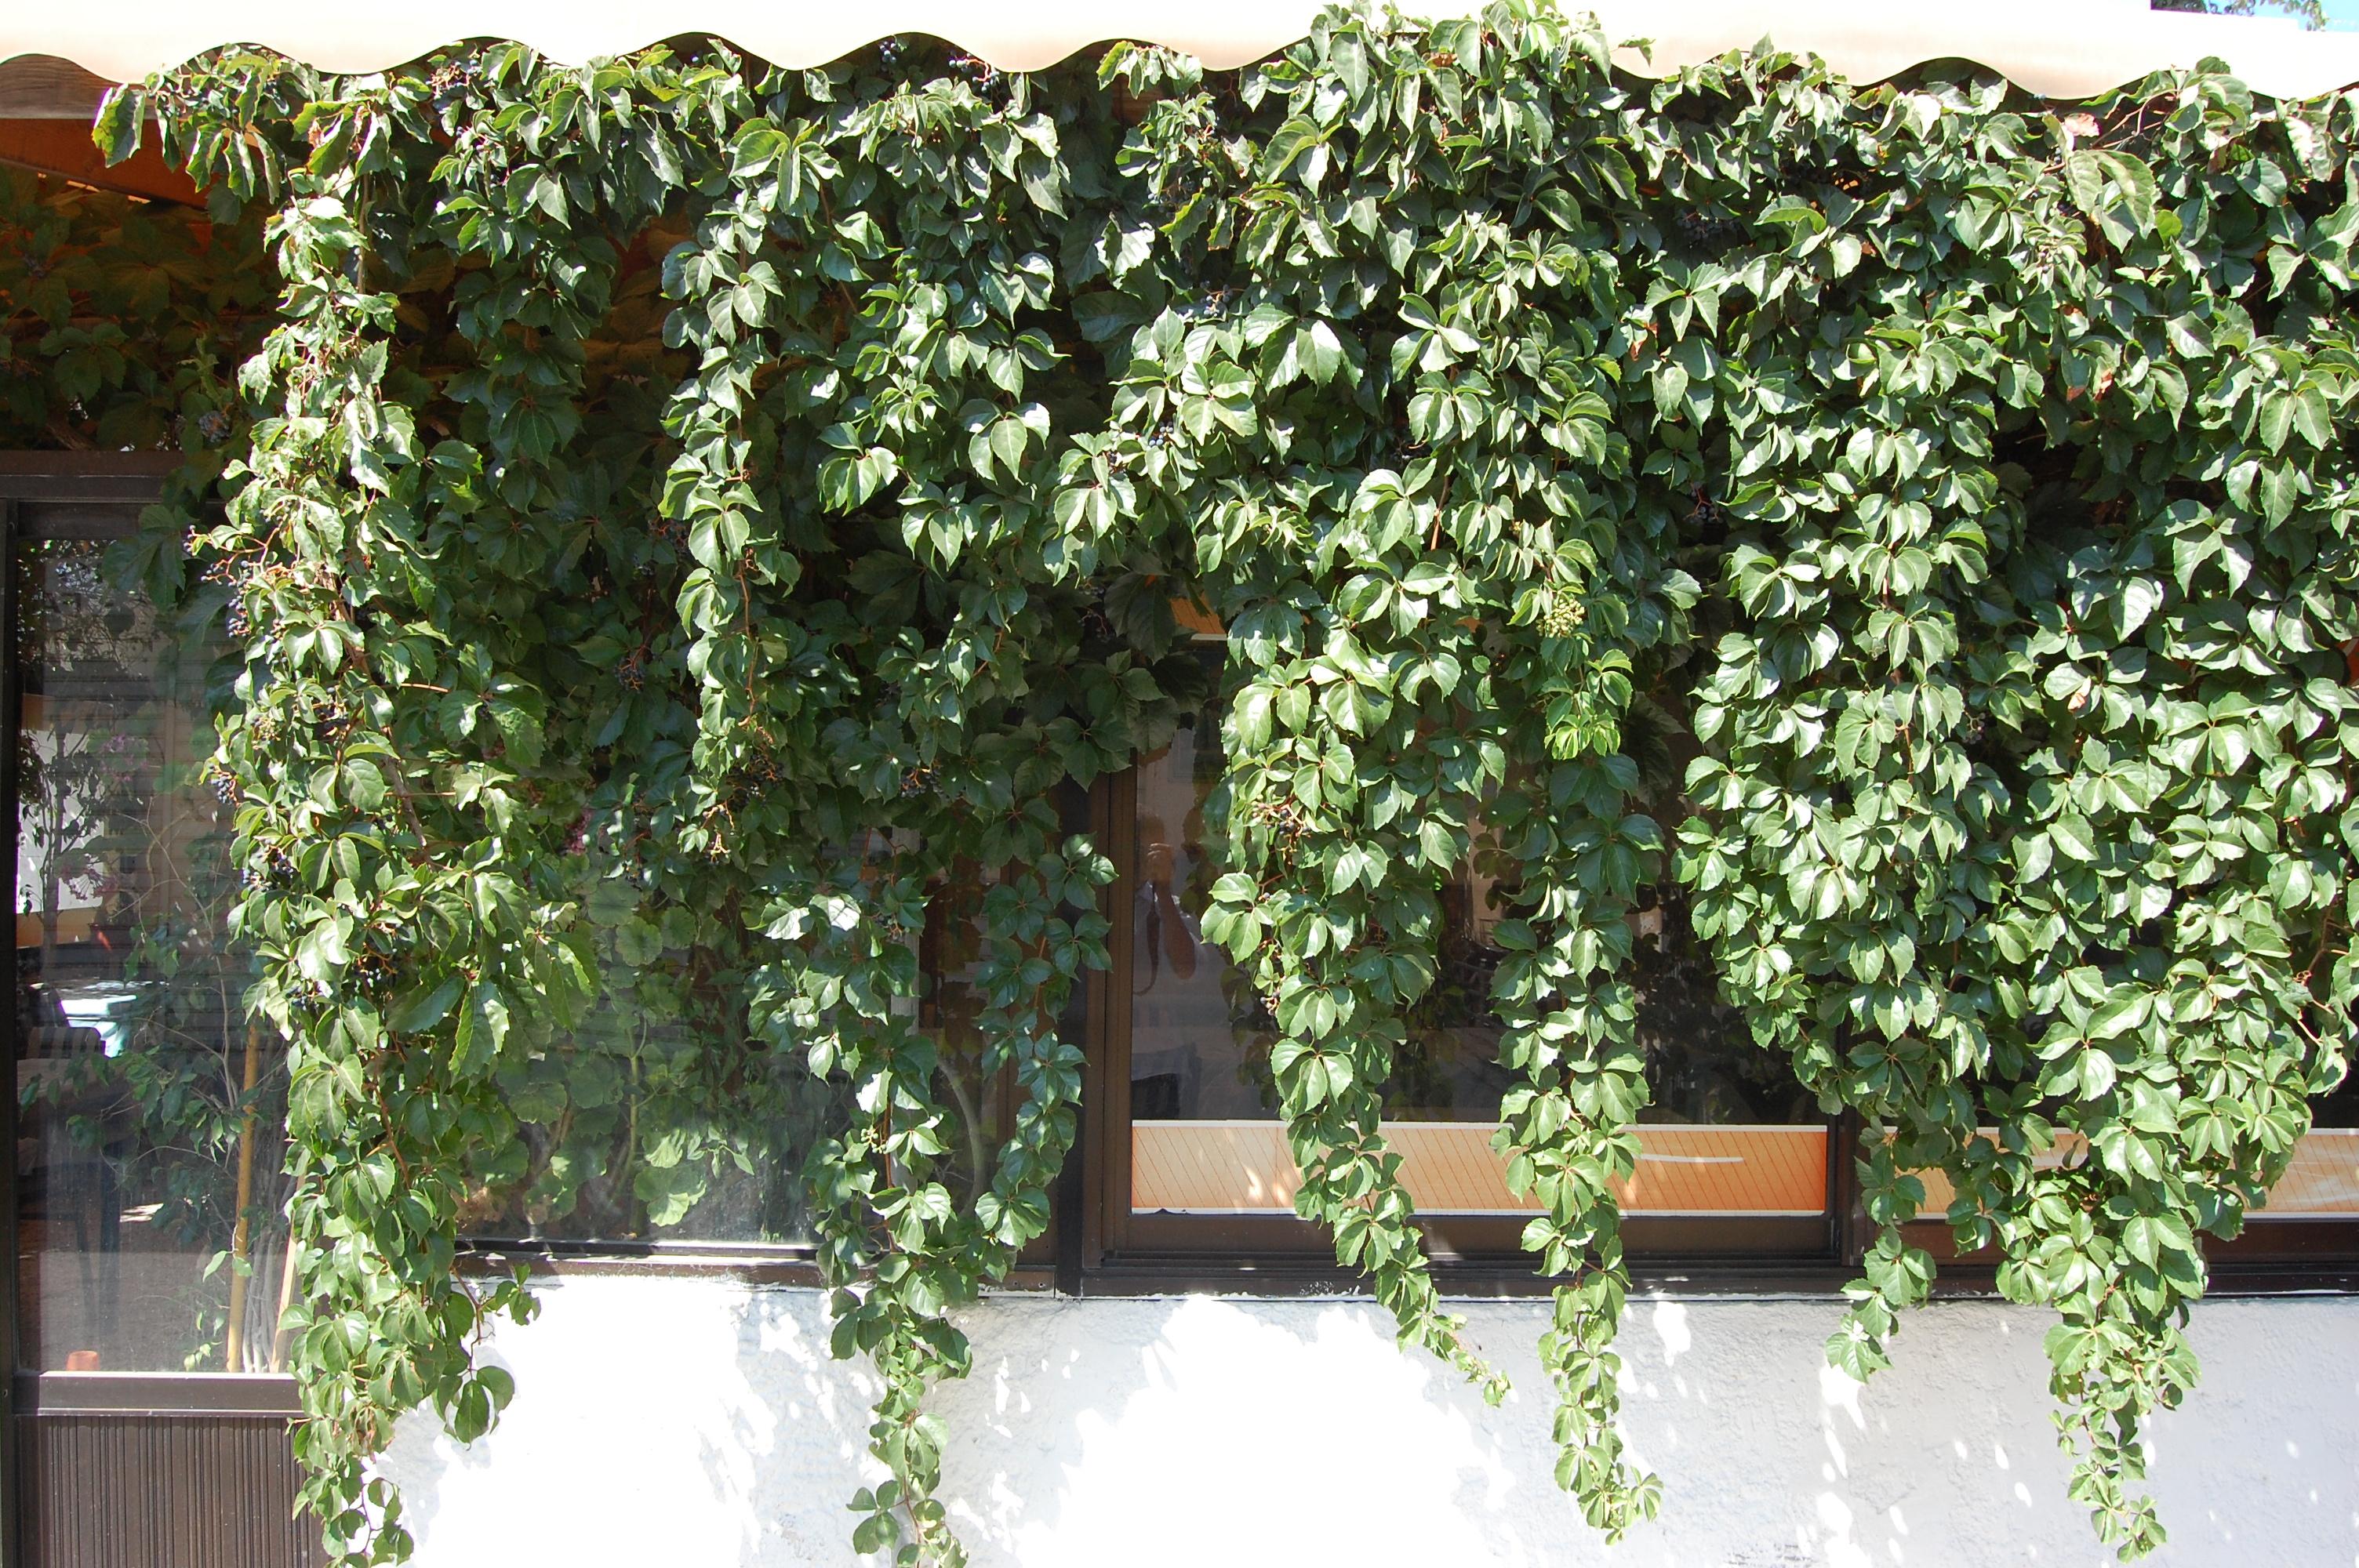 Parthenocissus Quinquefolia Landscape Architect S Pages